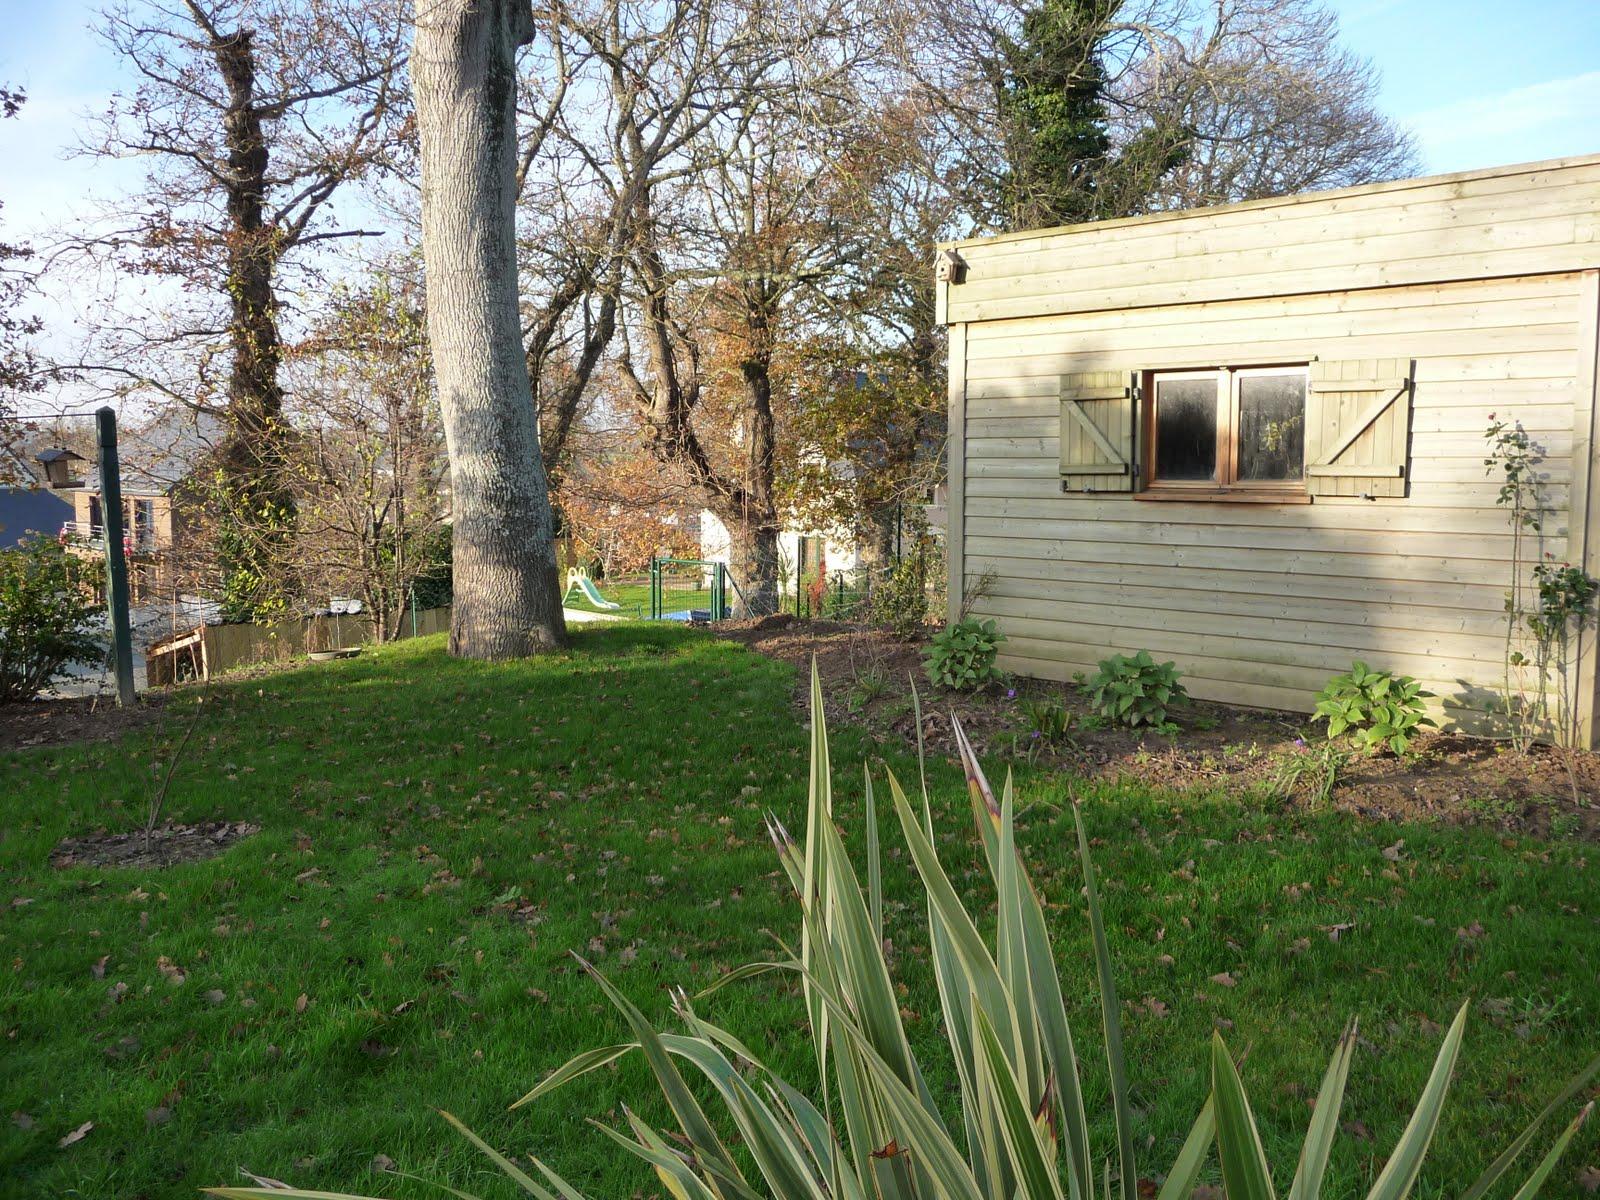 Ma terre de bruy re la cabane et le rosier - Cabane de jardin le bon coin argenteuil ...